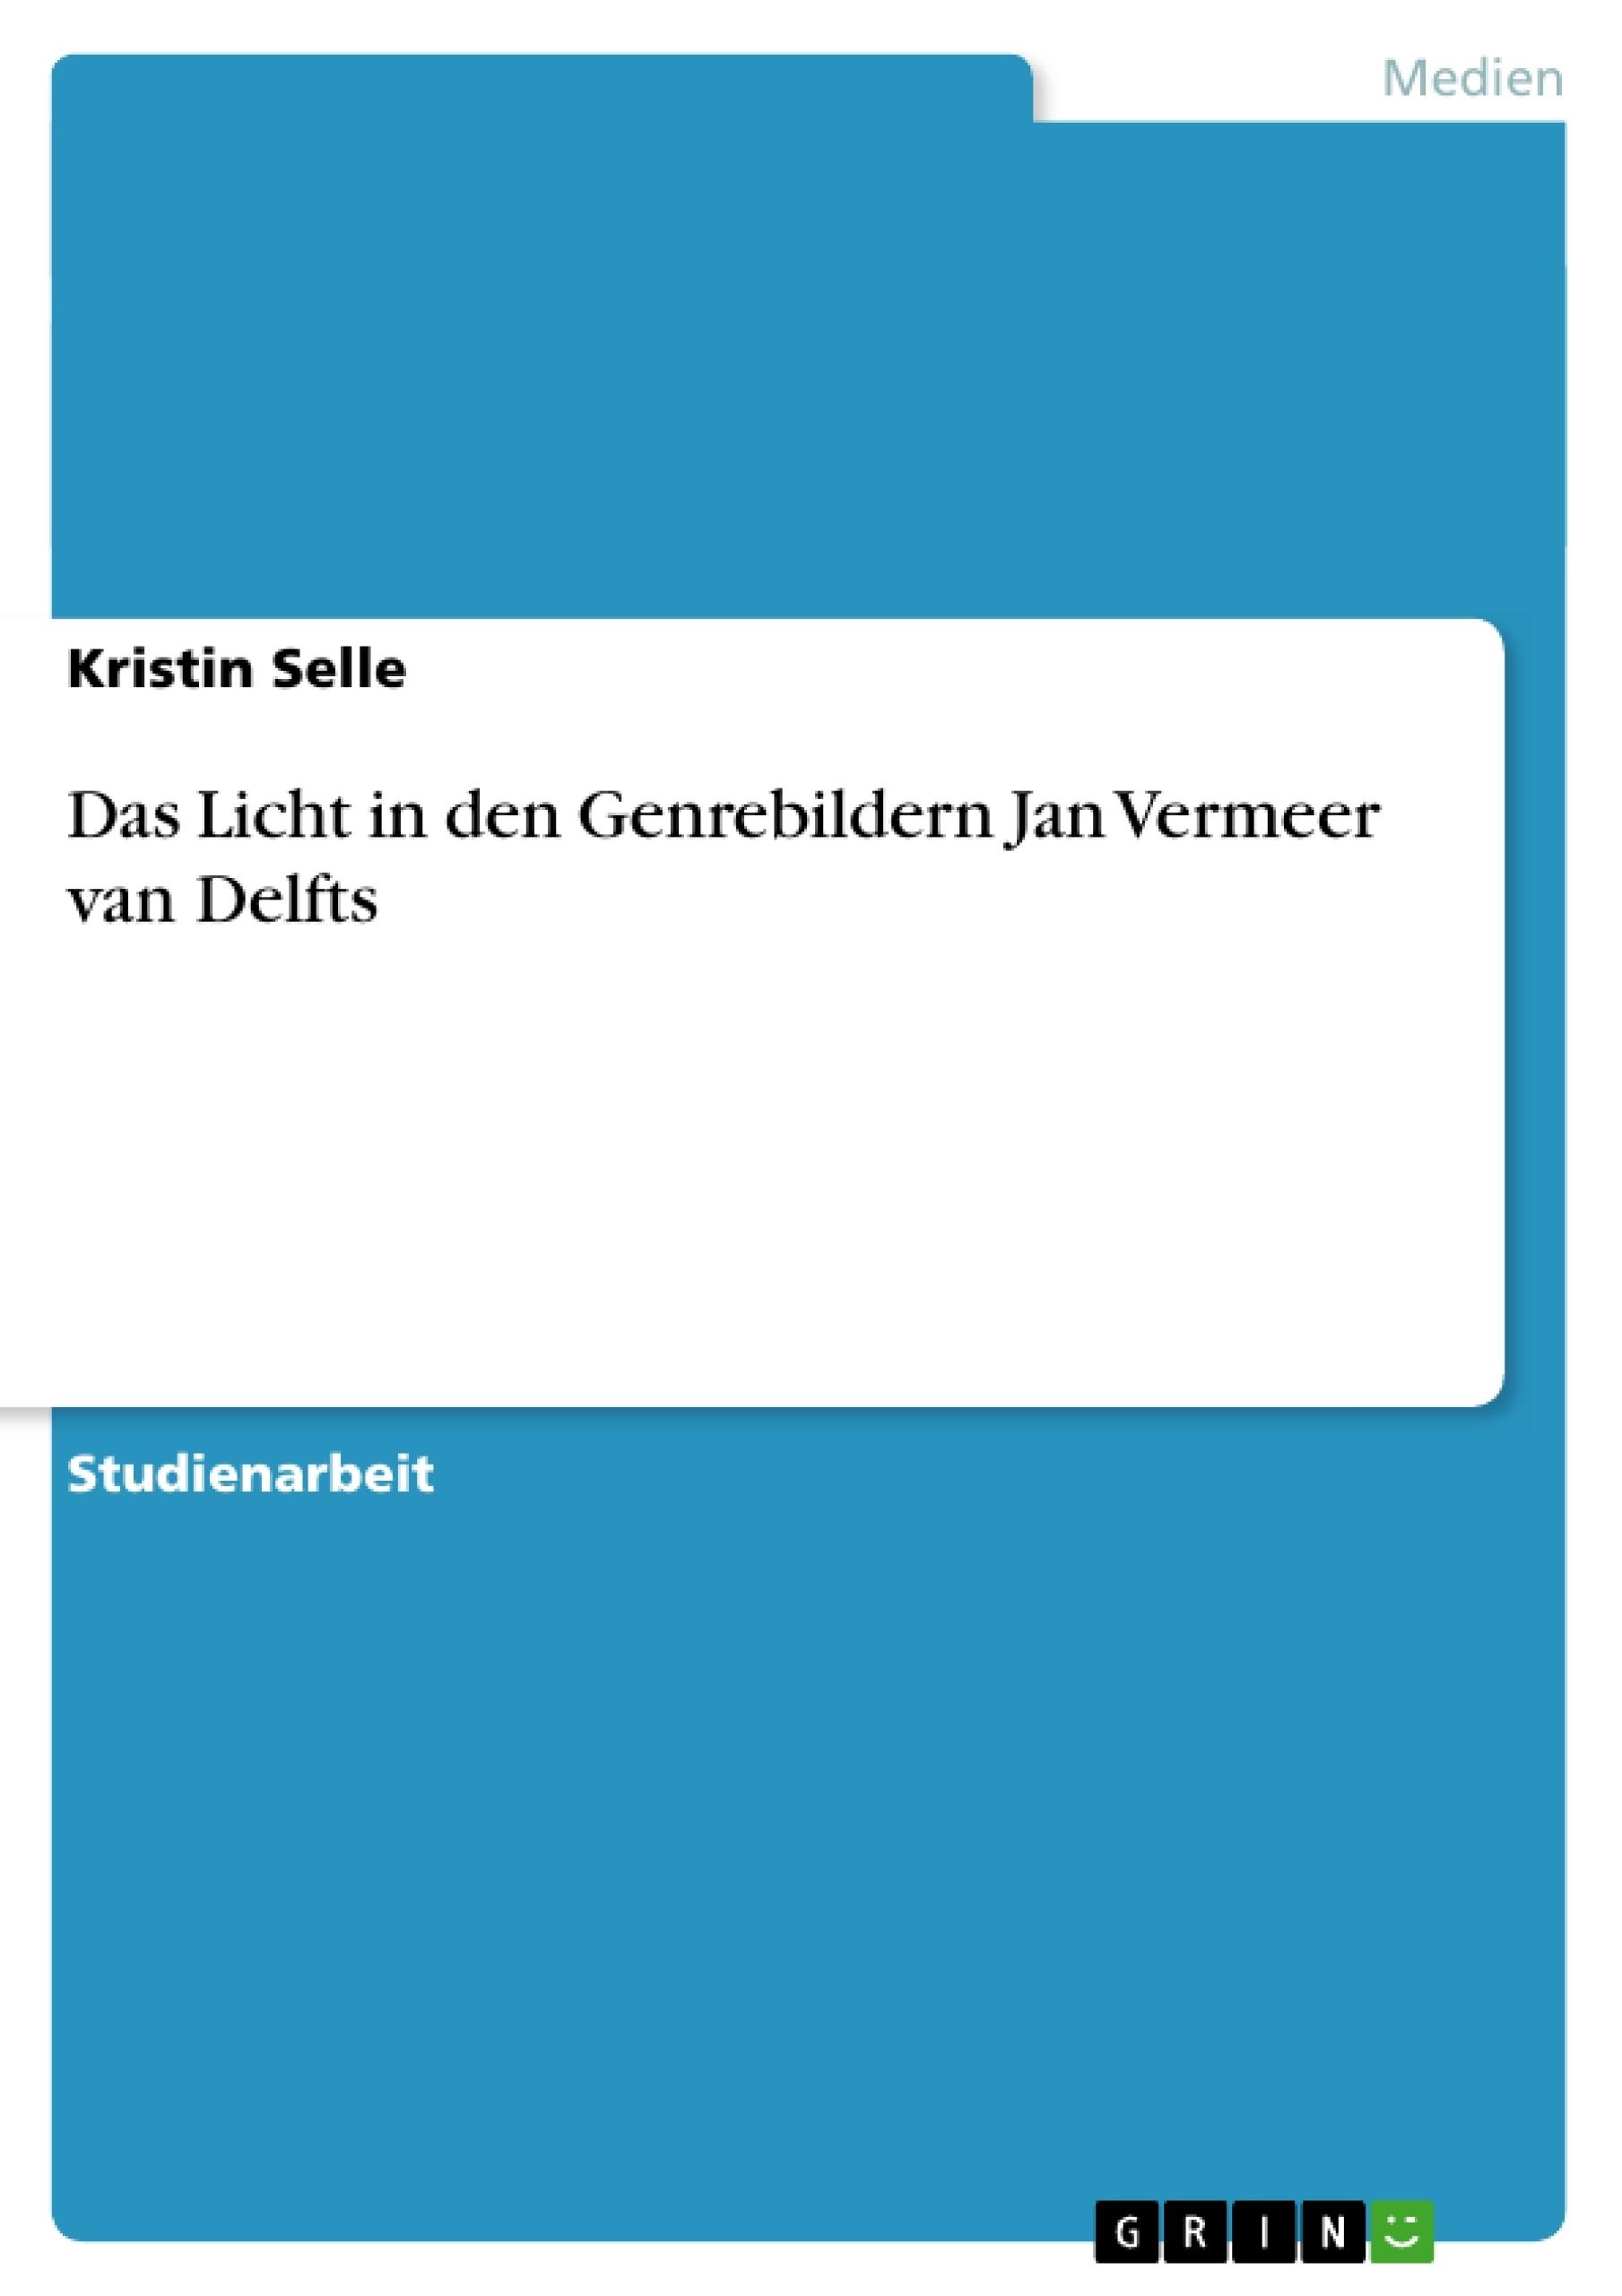 Titel: Das Licht in den Genrebildern Jan Vermeer van Delfts